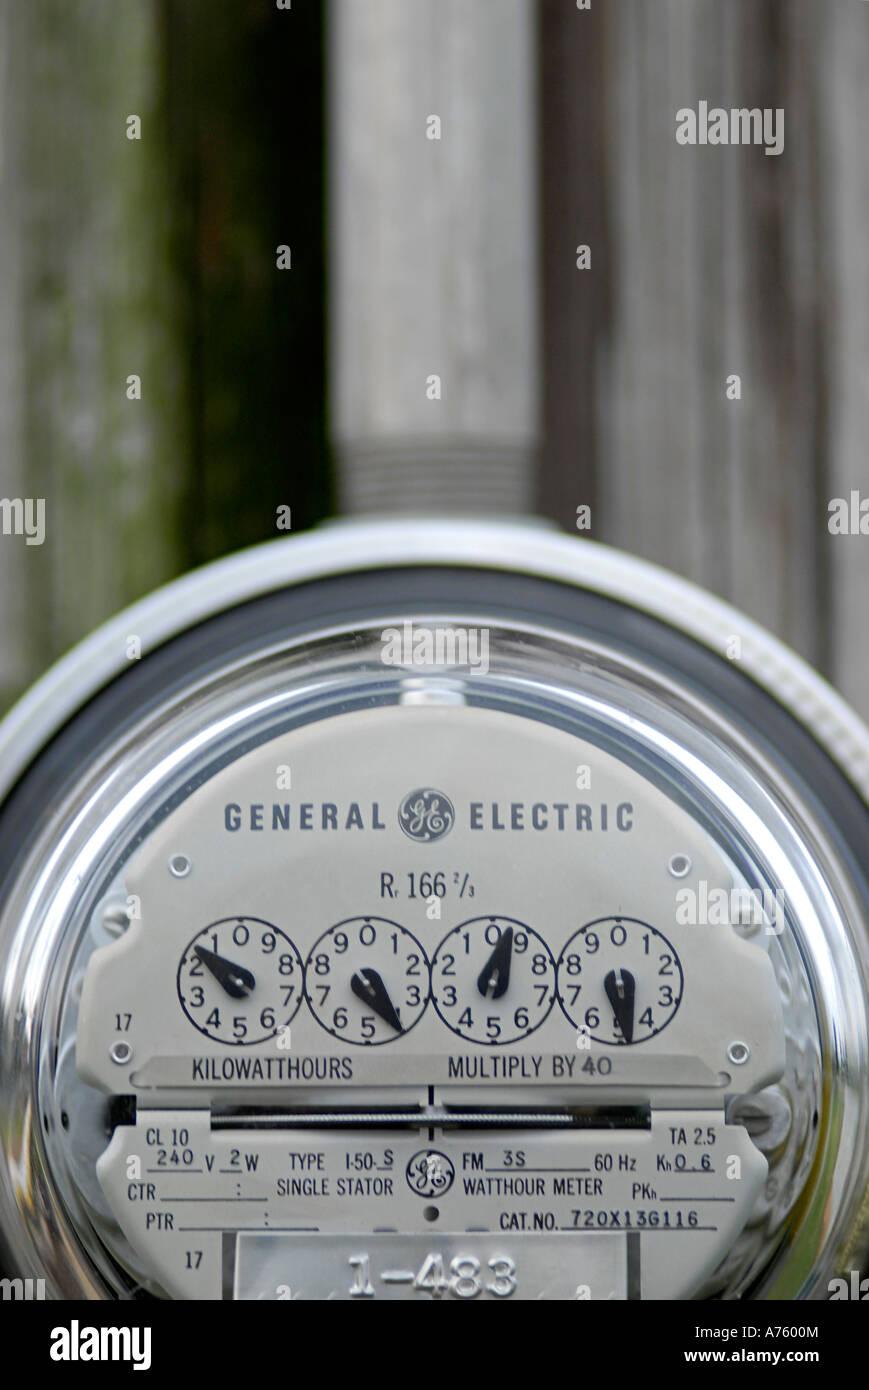 Closeup of an electric meter - Stock Image